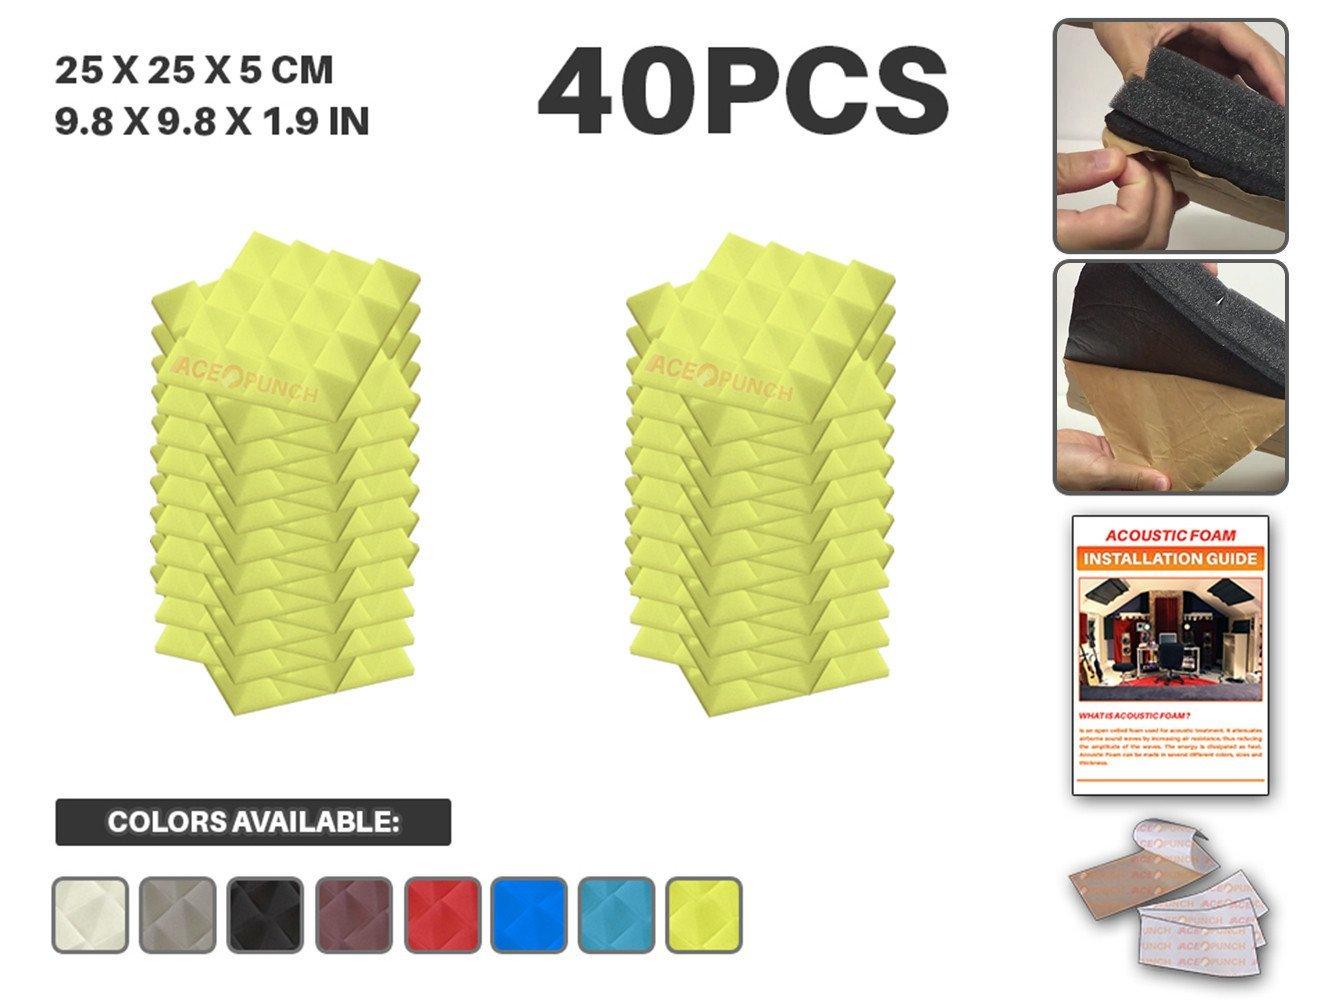 ACEパンチ40パックセルフ粘着ピラミッドAcoustic FoamパネルDIYデザインStudio Soundproofing壁タイルサウンド断熱材withフリーマウントタブ9.8